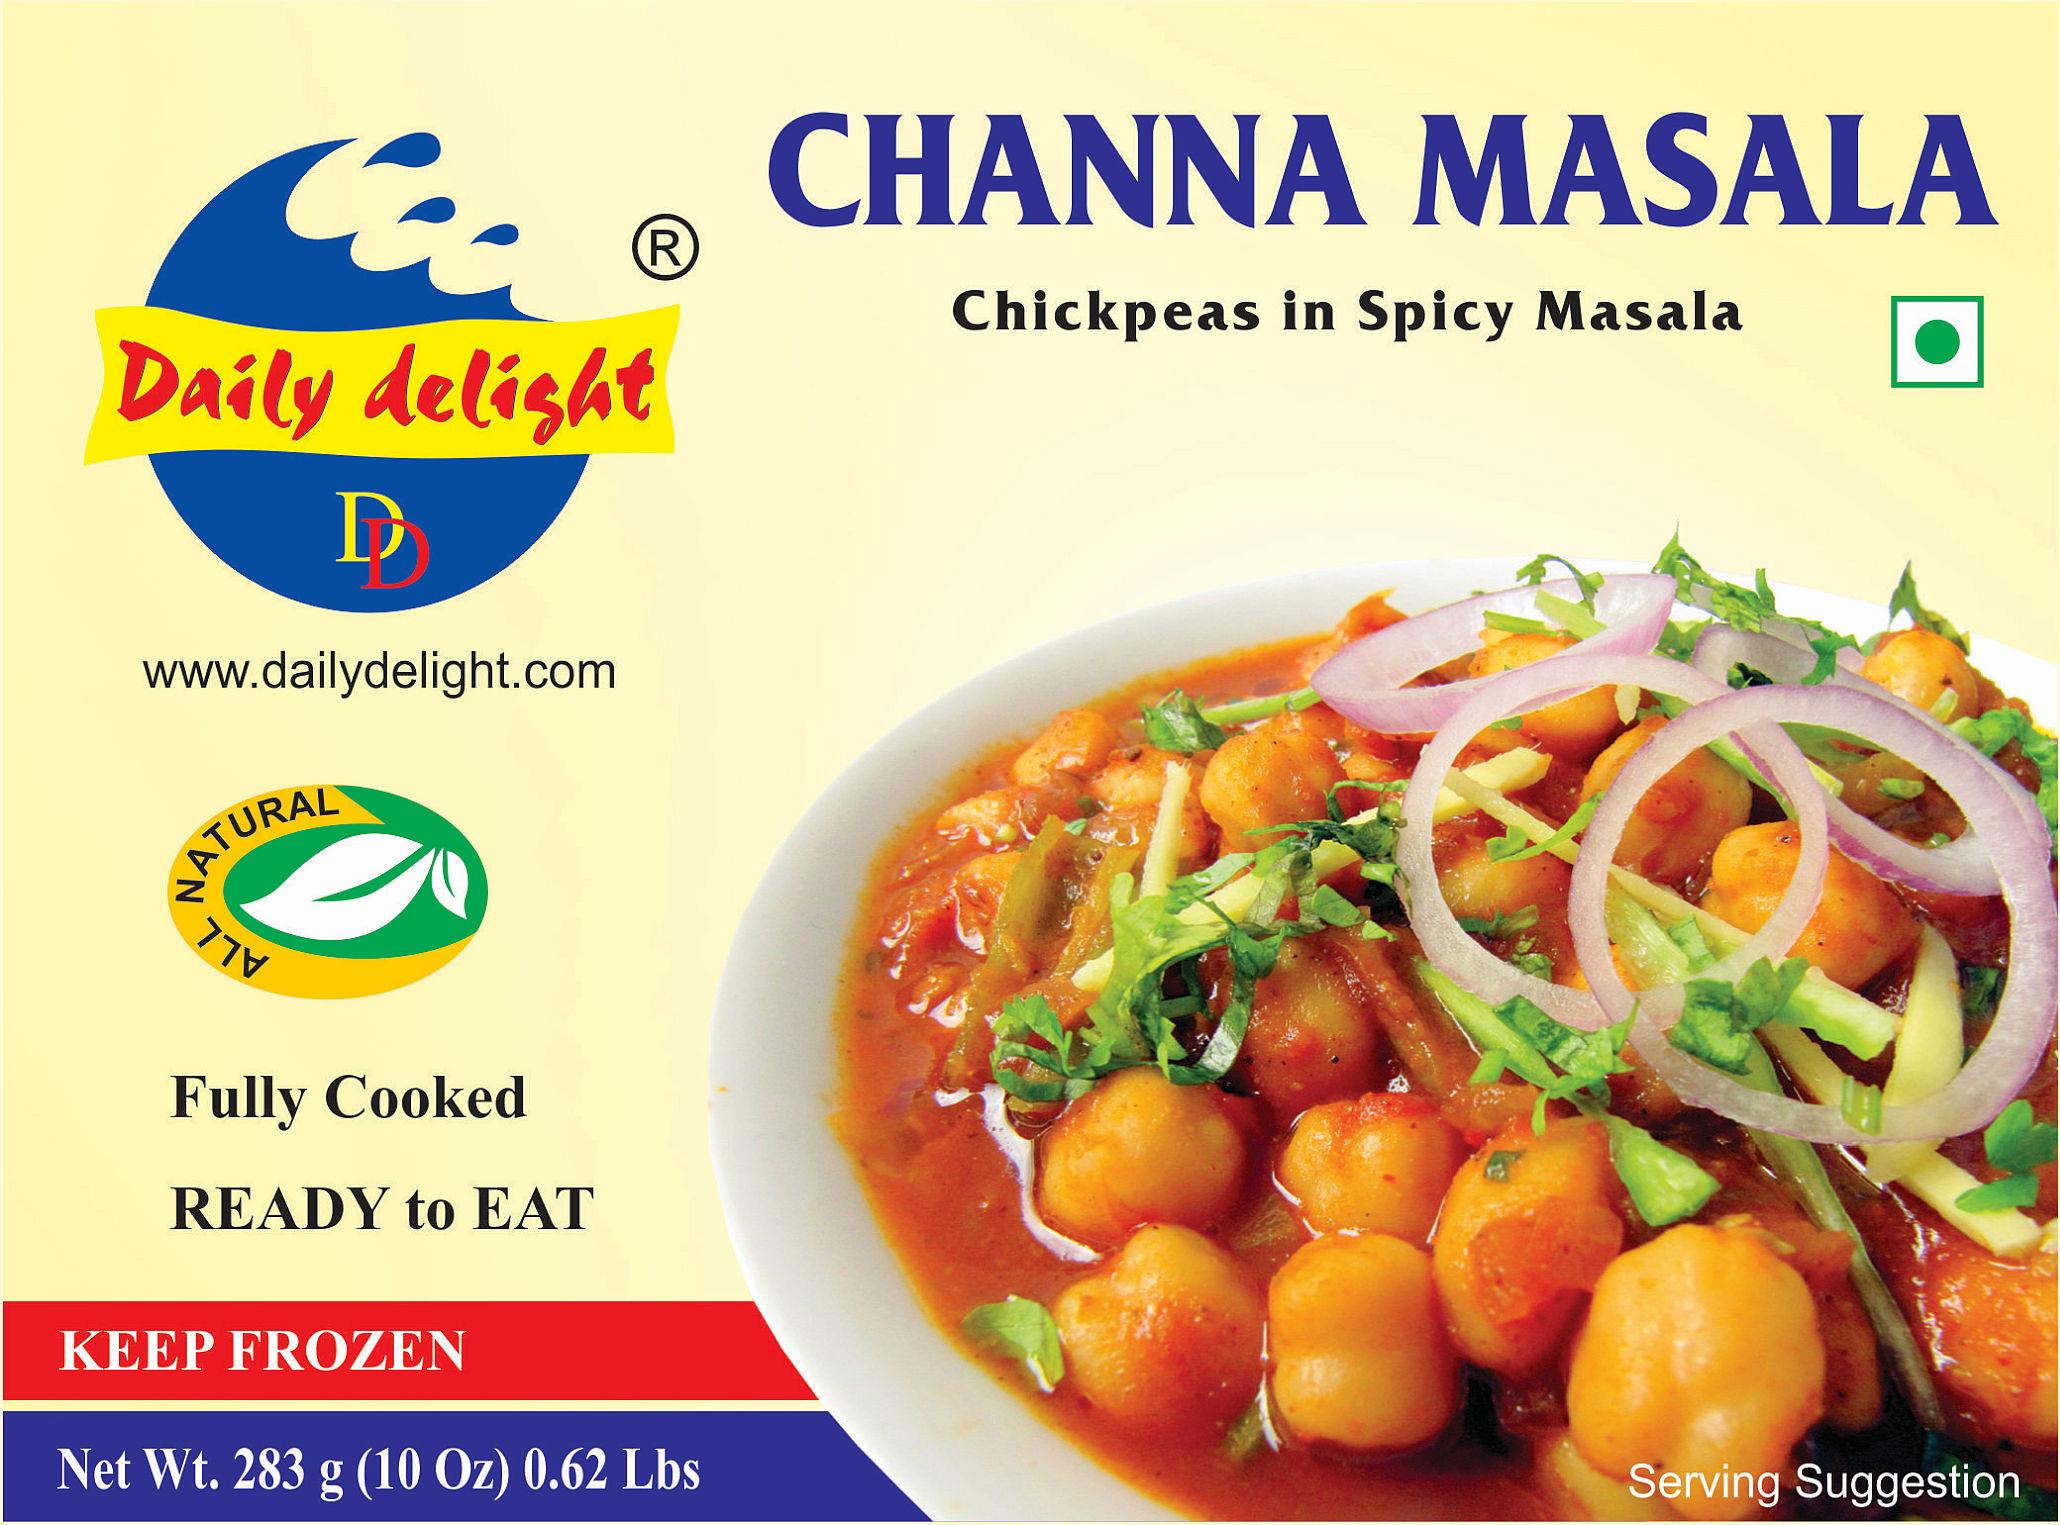 Daily Delight Channa Masala